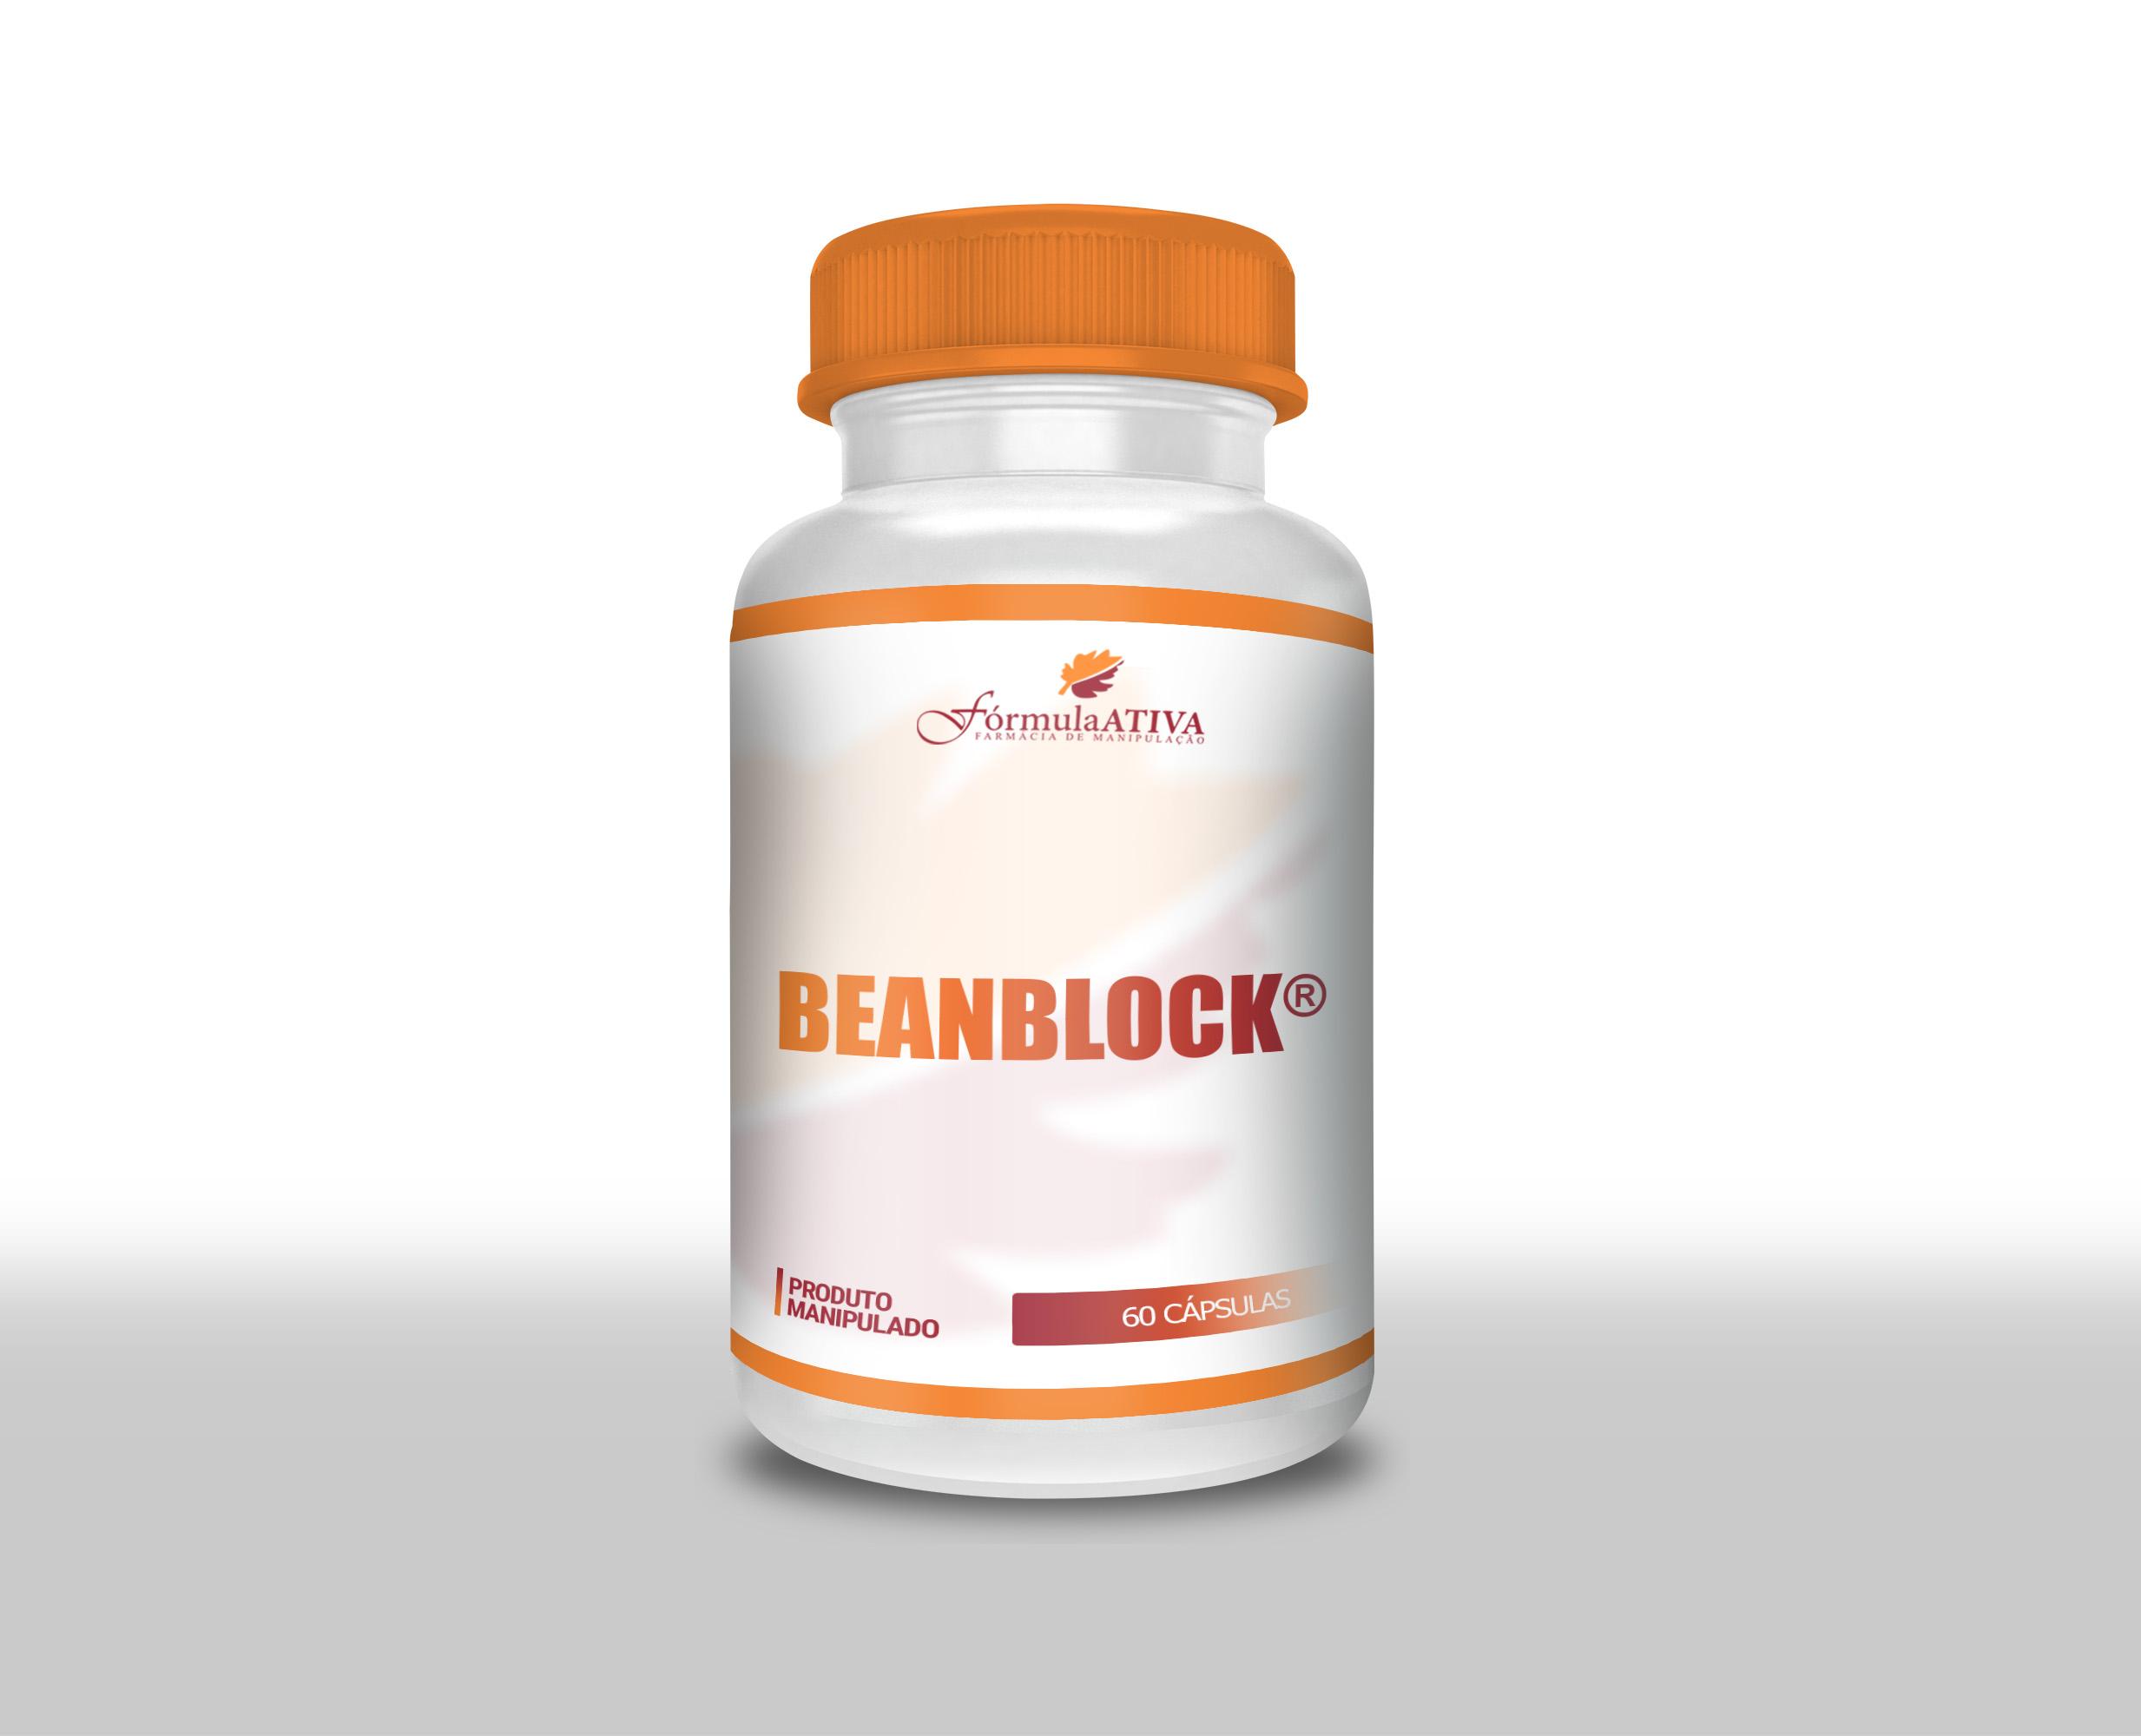 Beanblock (100mg - 60 doses)